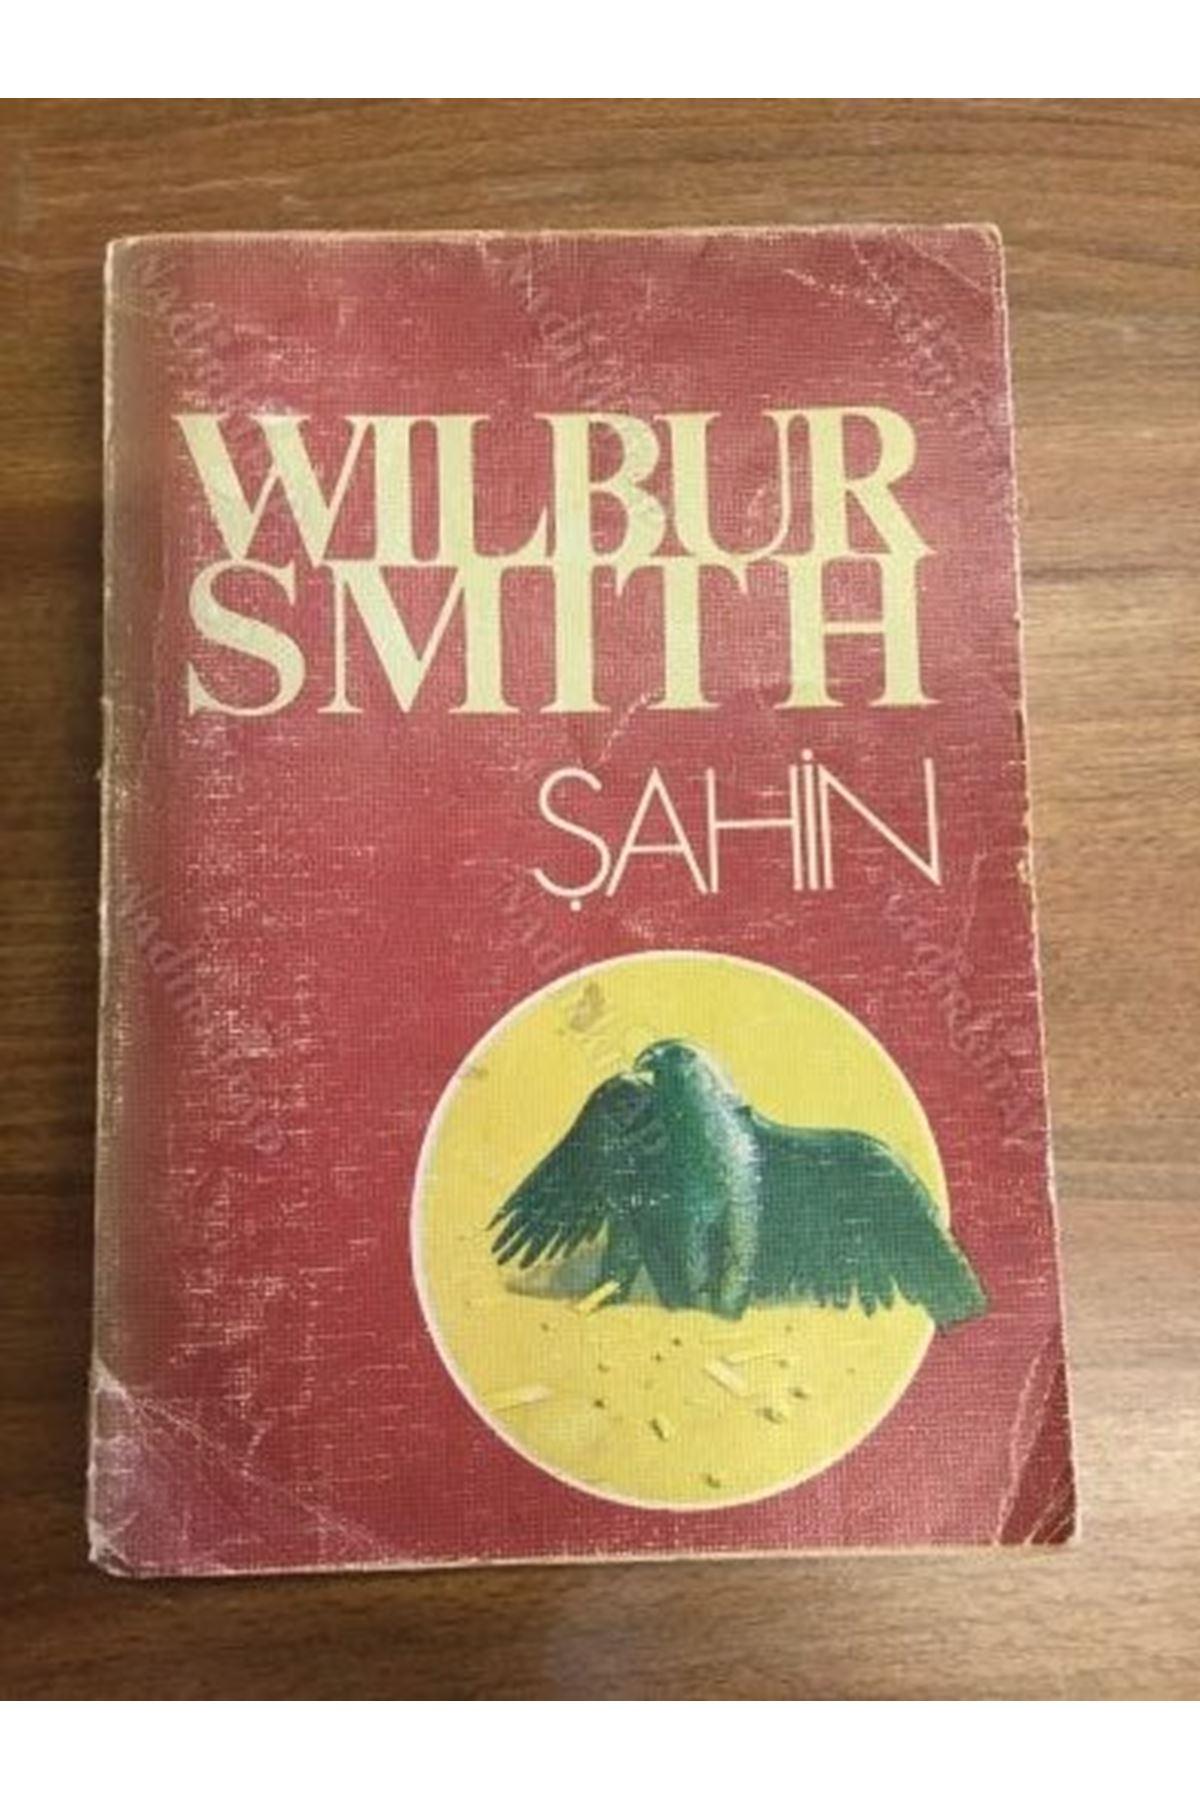 WILBUR SMITH - ŞAHİN